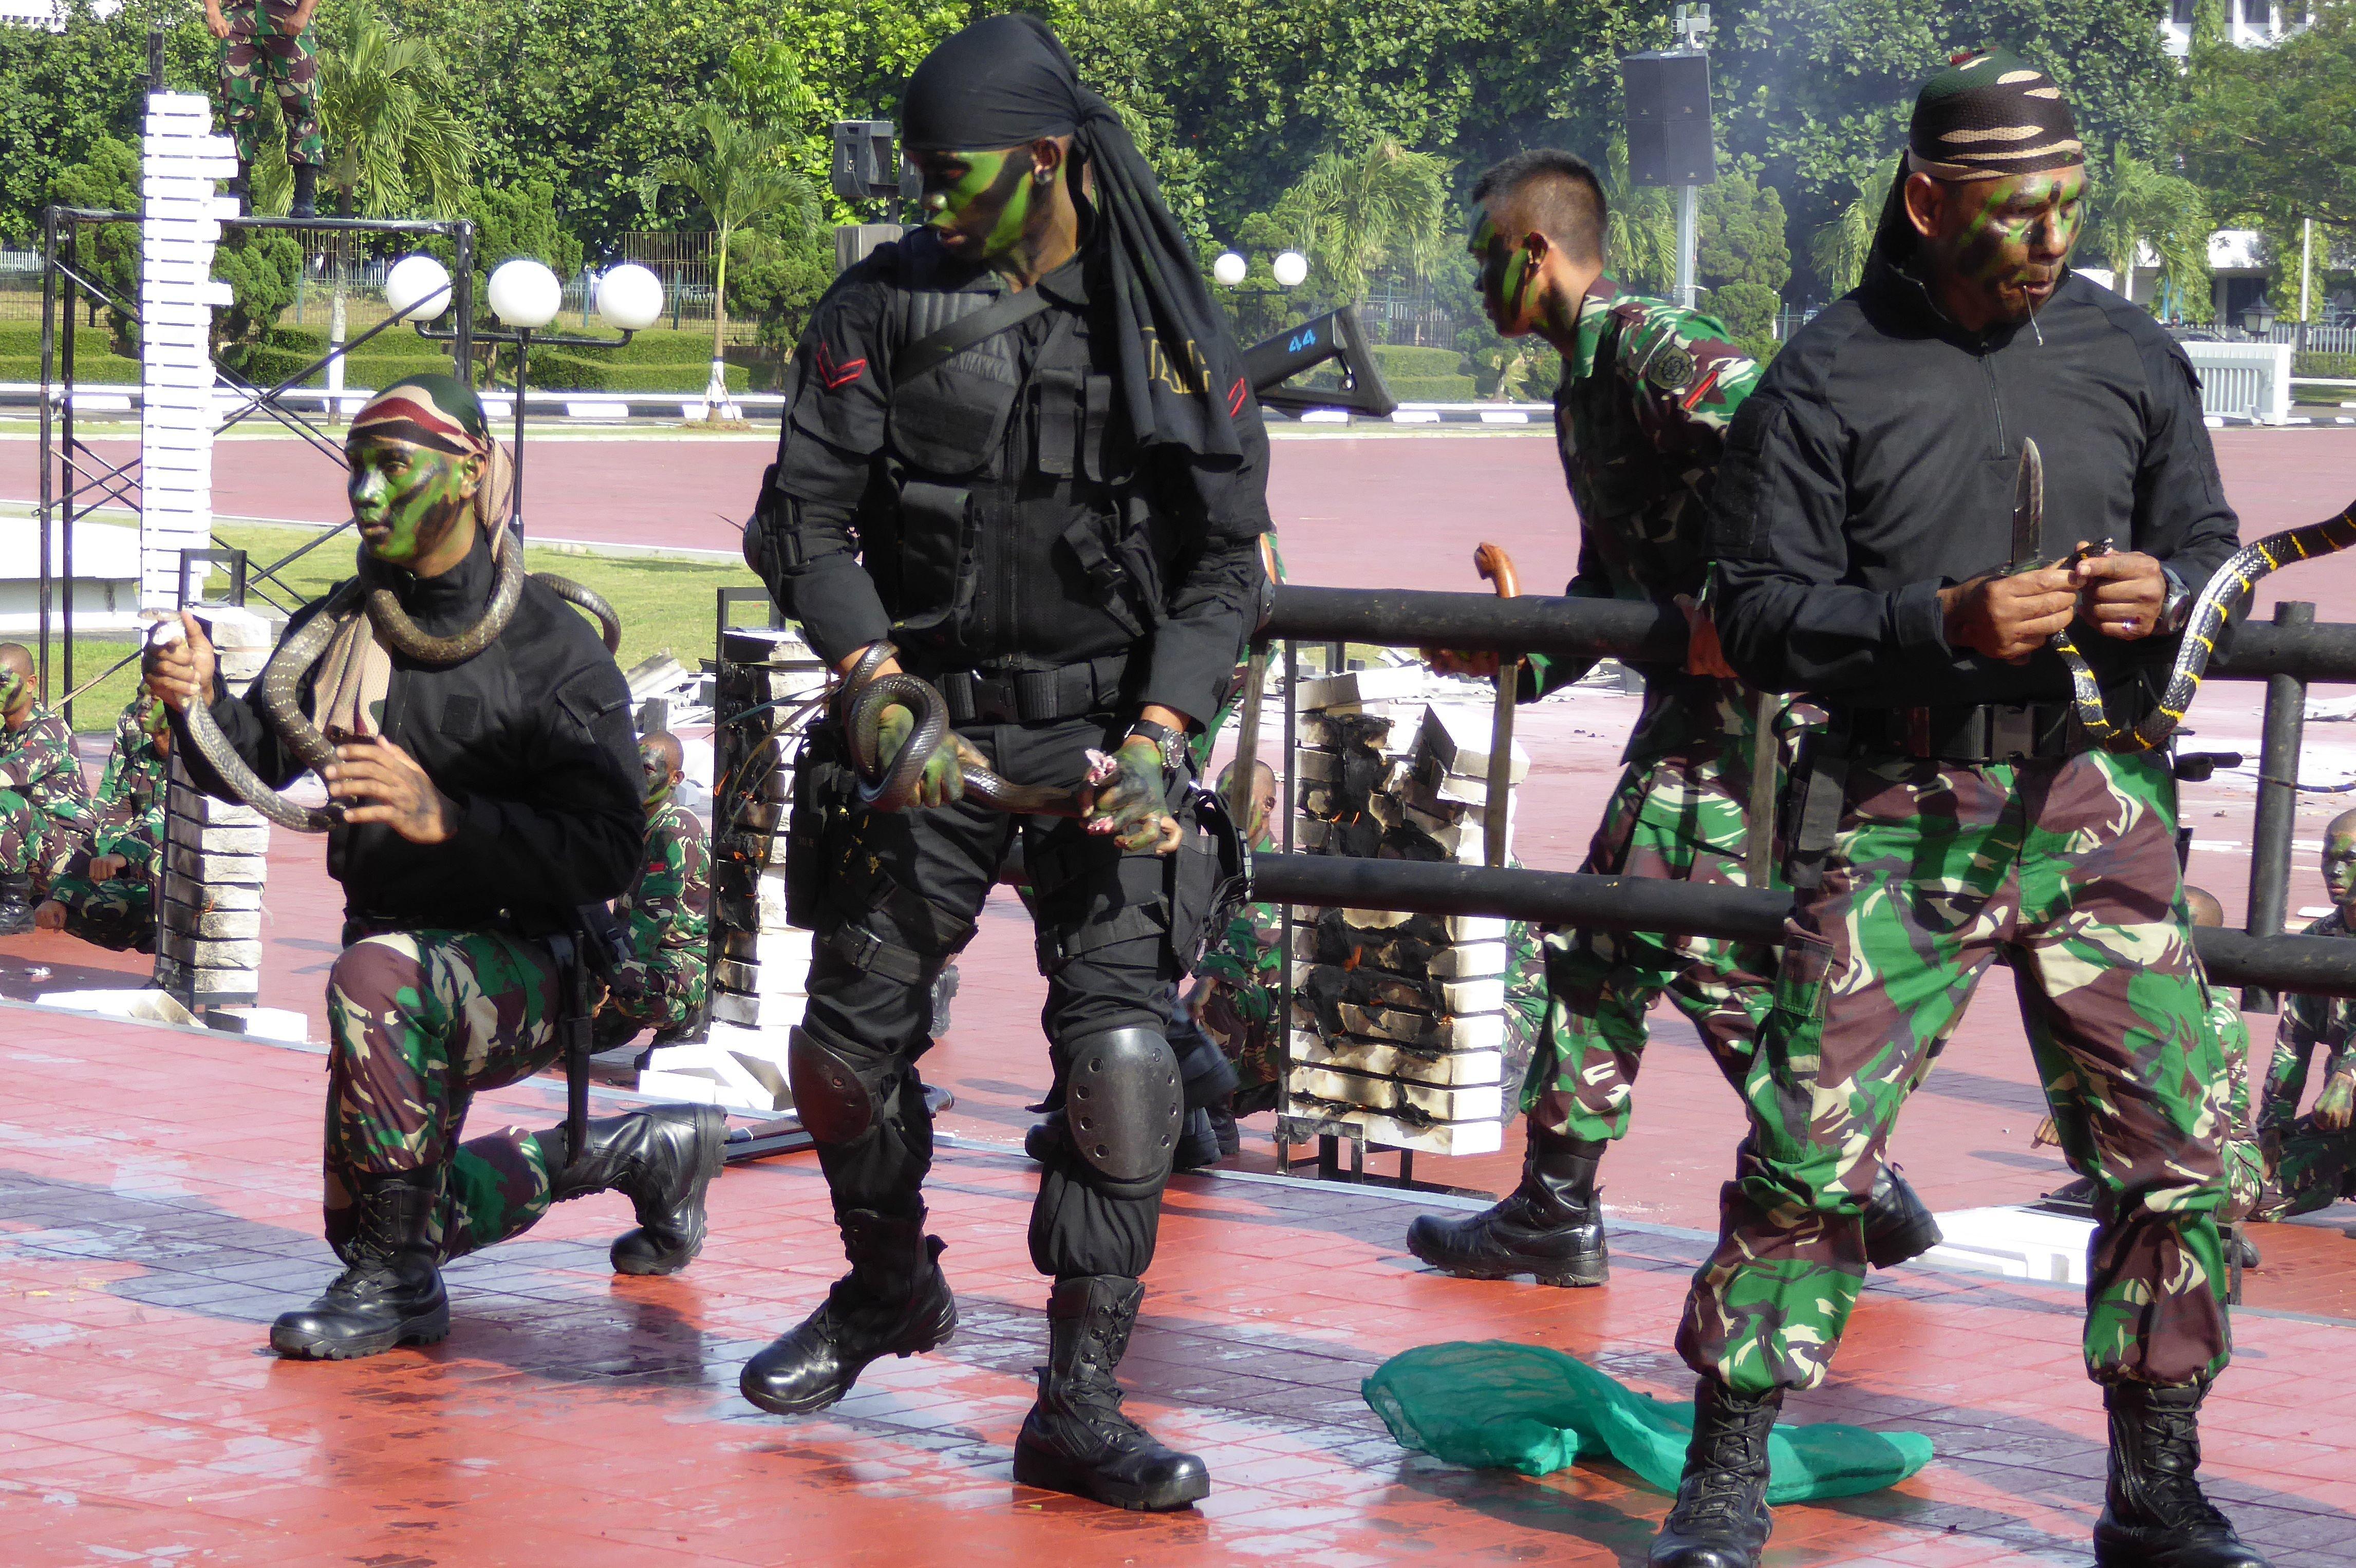 Ινδονησία: Στρατιώτες πίνουν αίμα φιδιού και ο υπουργός Άμυνας των ΗΠΑ